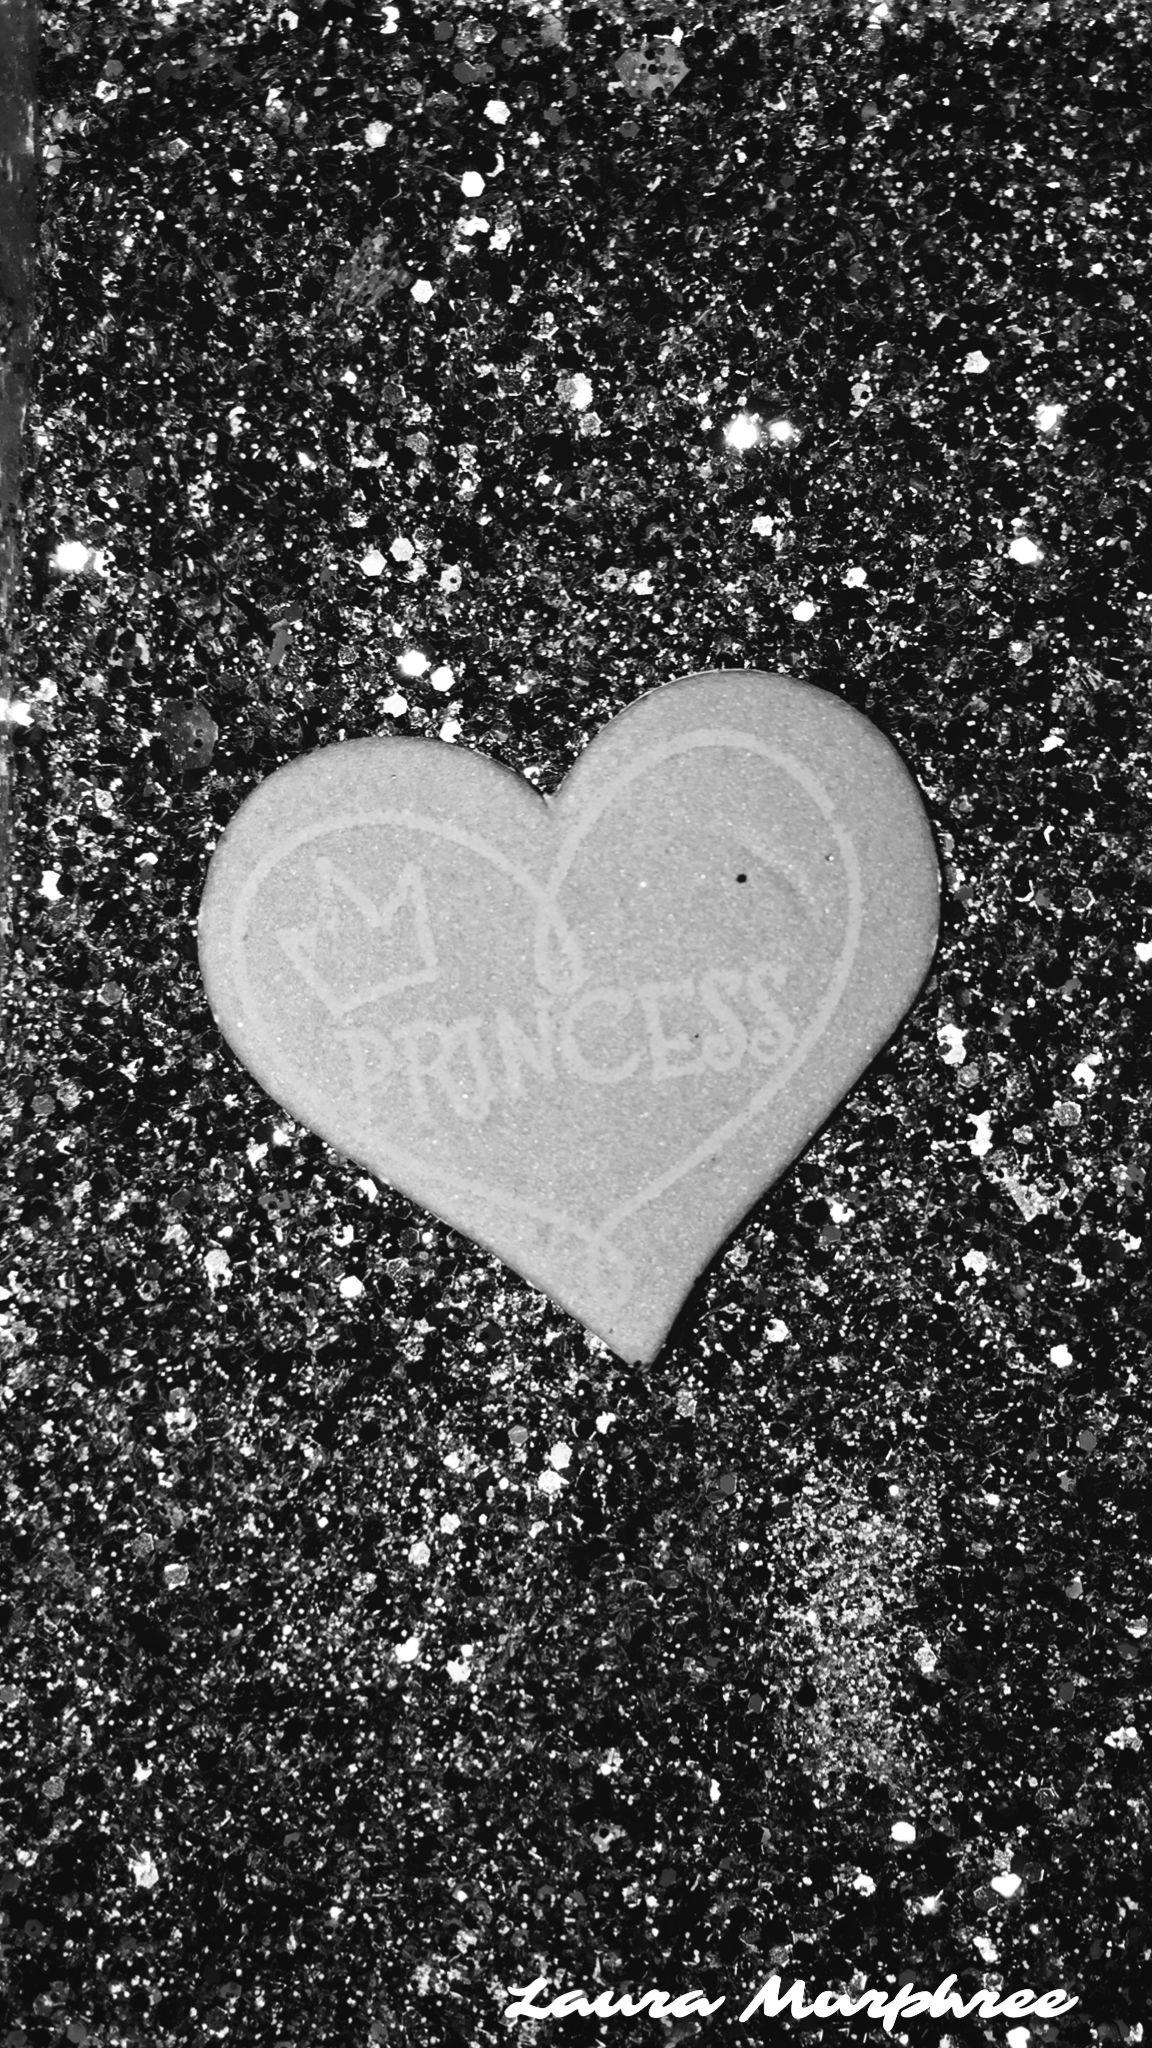 Glitter Phone Wallpaper Sparkle Background Bling Shimmer Sparkles Glittery Pretty Girly Black G Heart Iphone Wallpaper Pink Wallpaper Heart Cute Heart Drawings